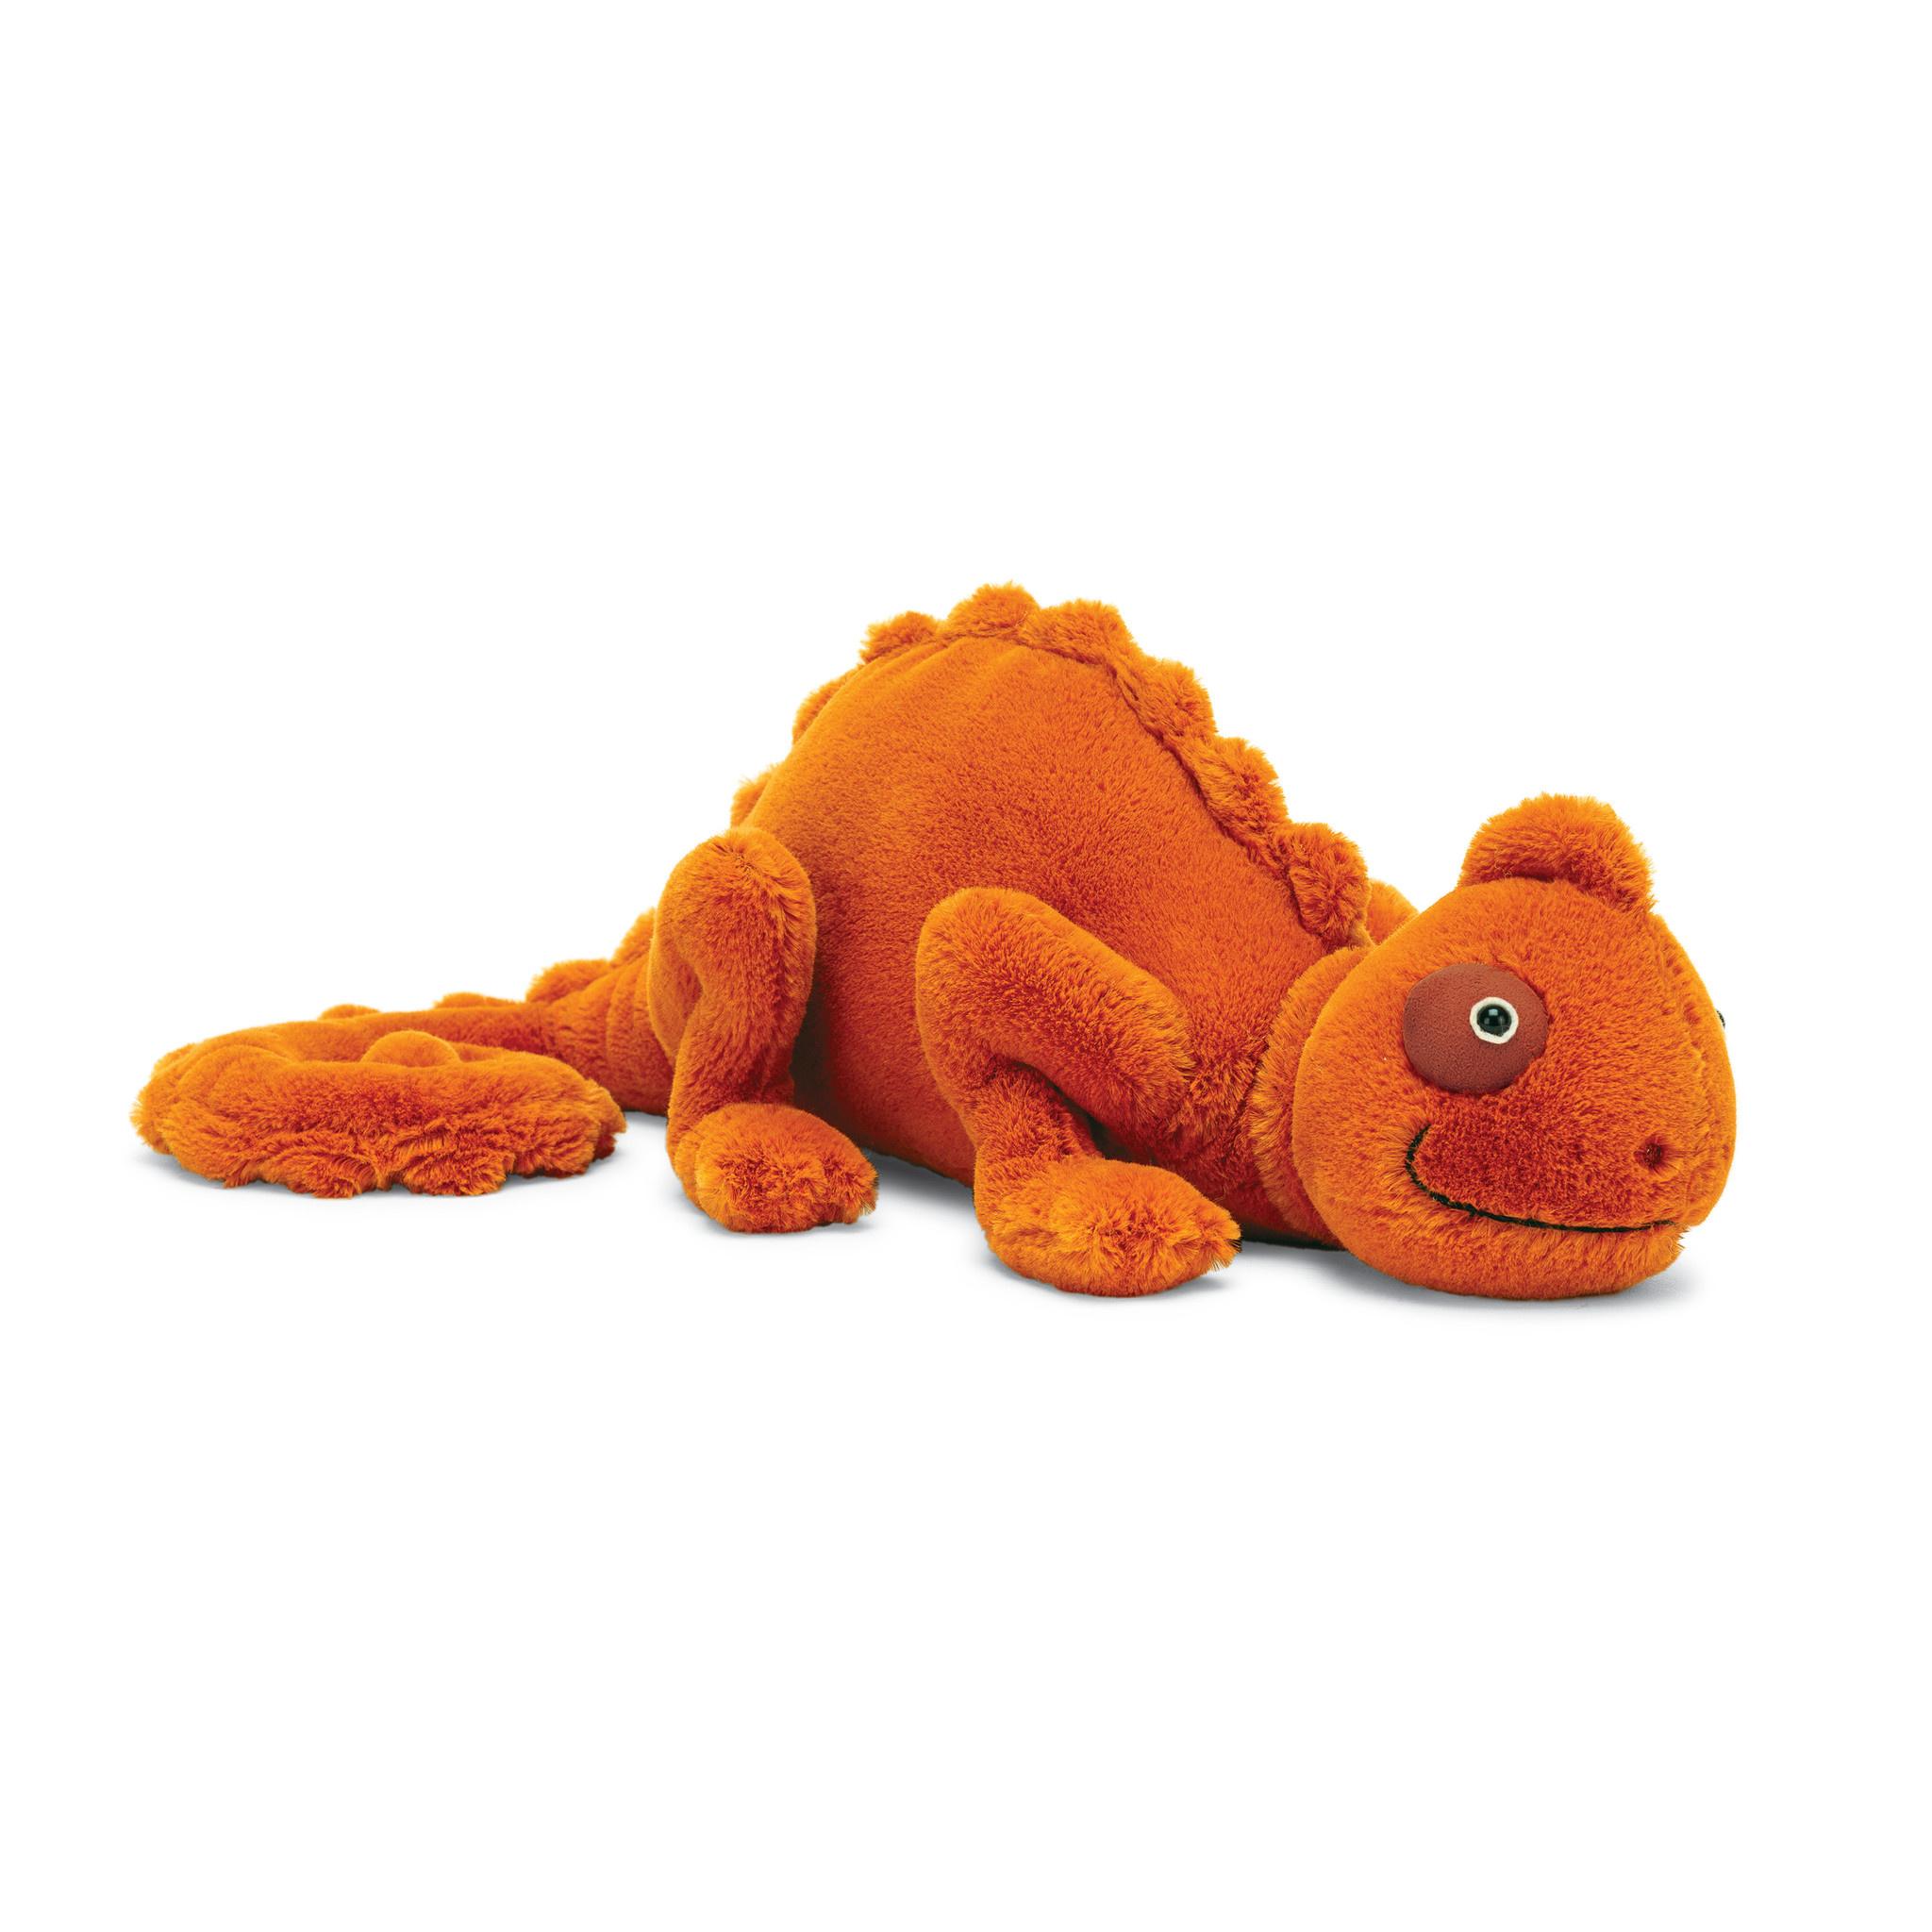 Jellycat Vividies Chameleon